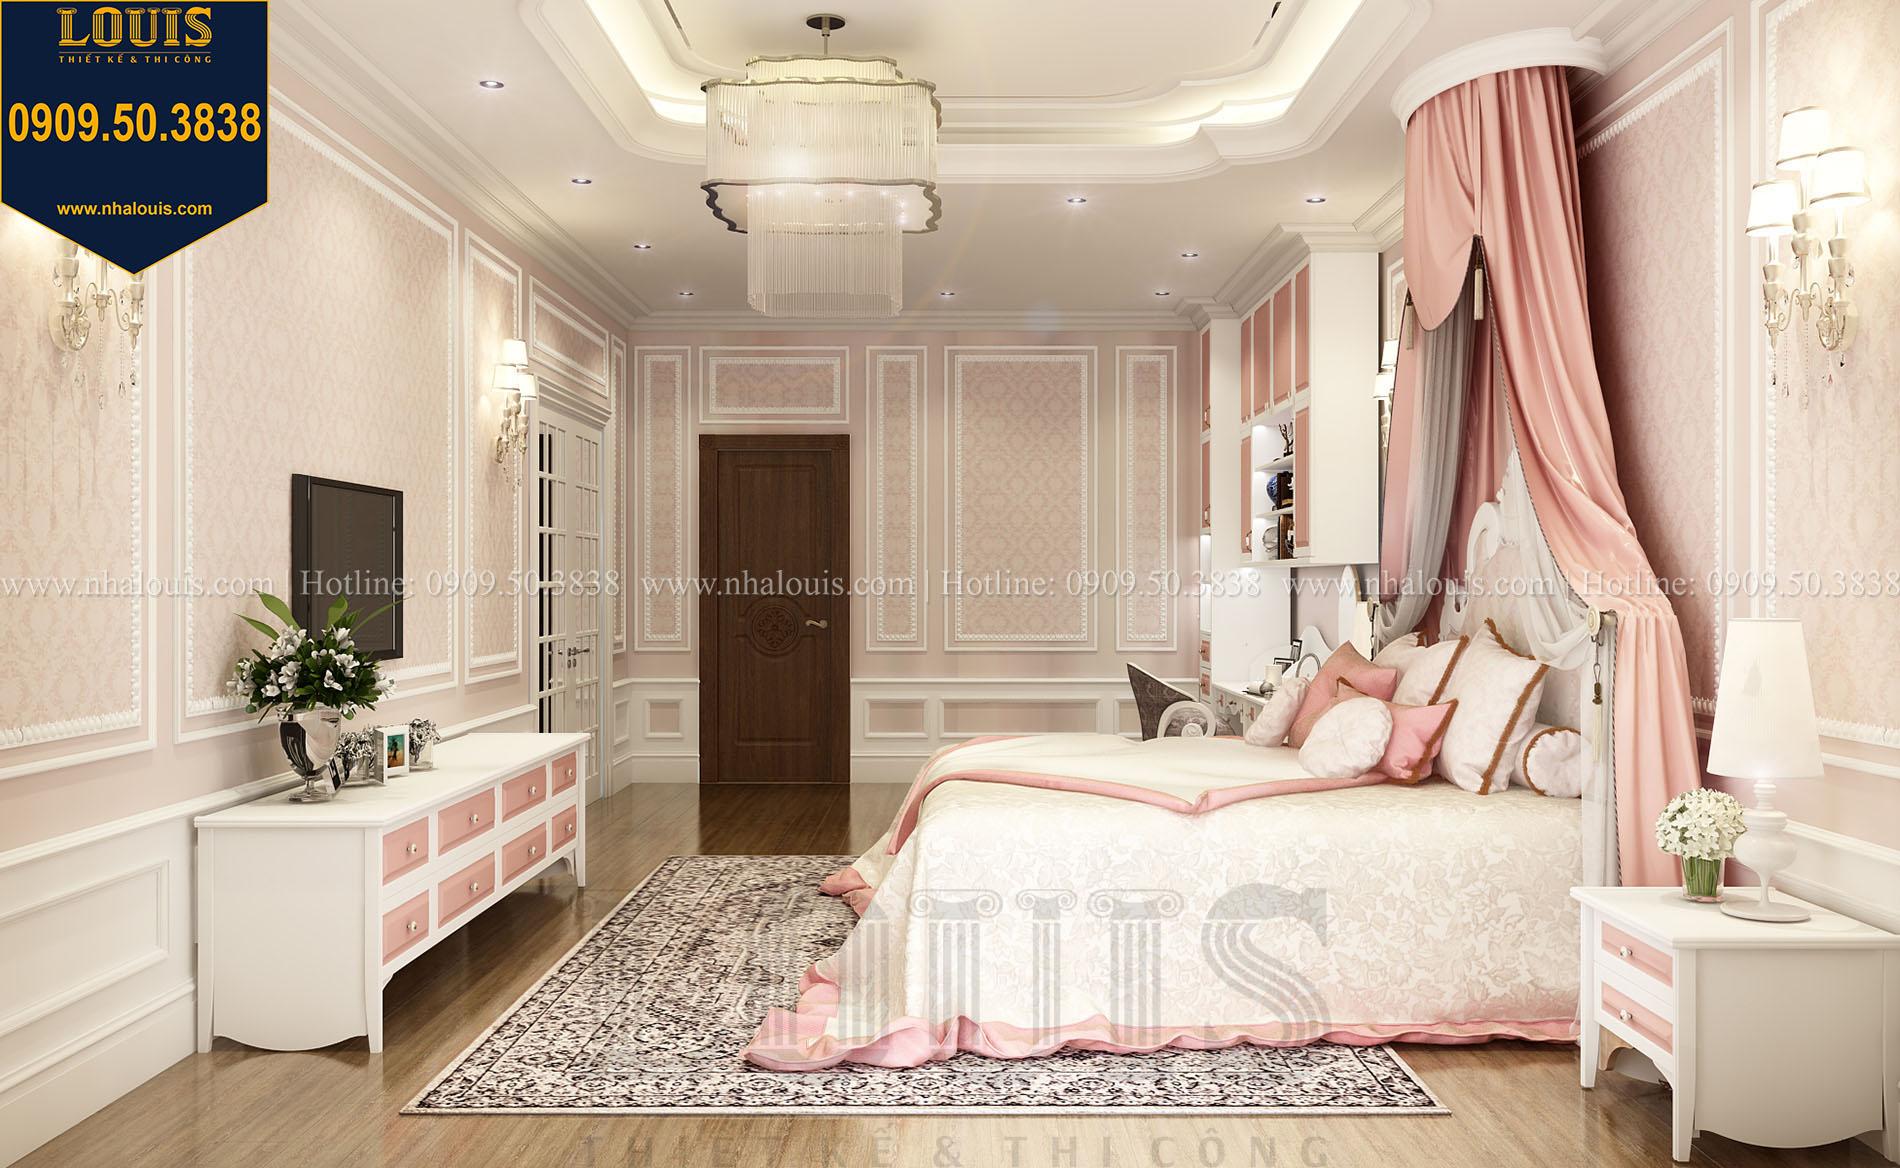 Phòng ngủ con gái Biệt thự Châu Âu cổ điển chuẩn sang chảnh tại Nhà Bè - 020